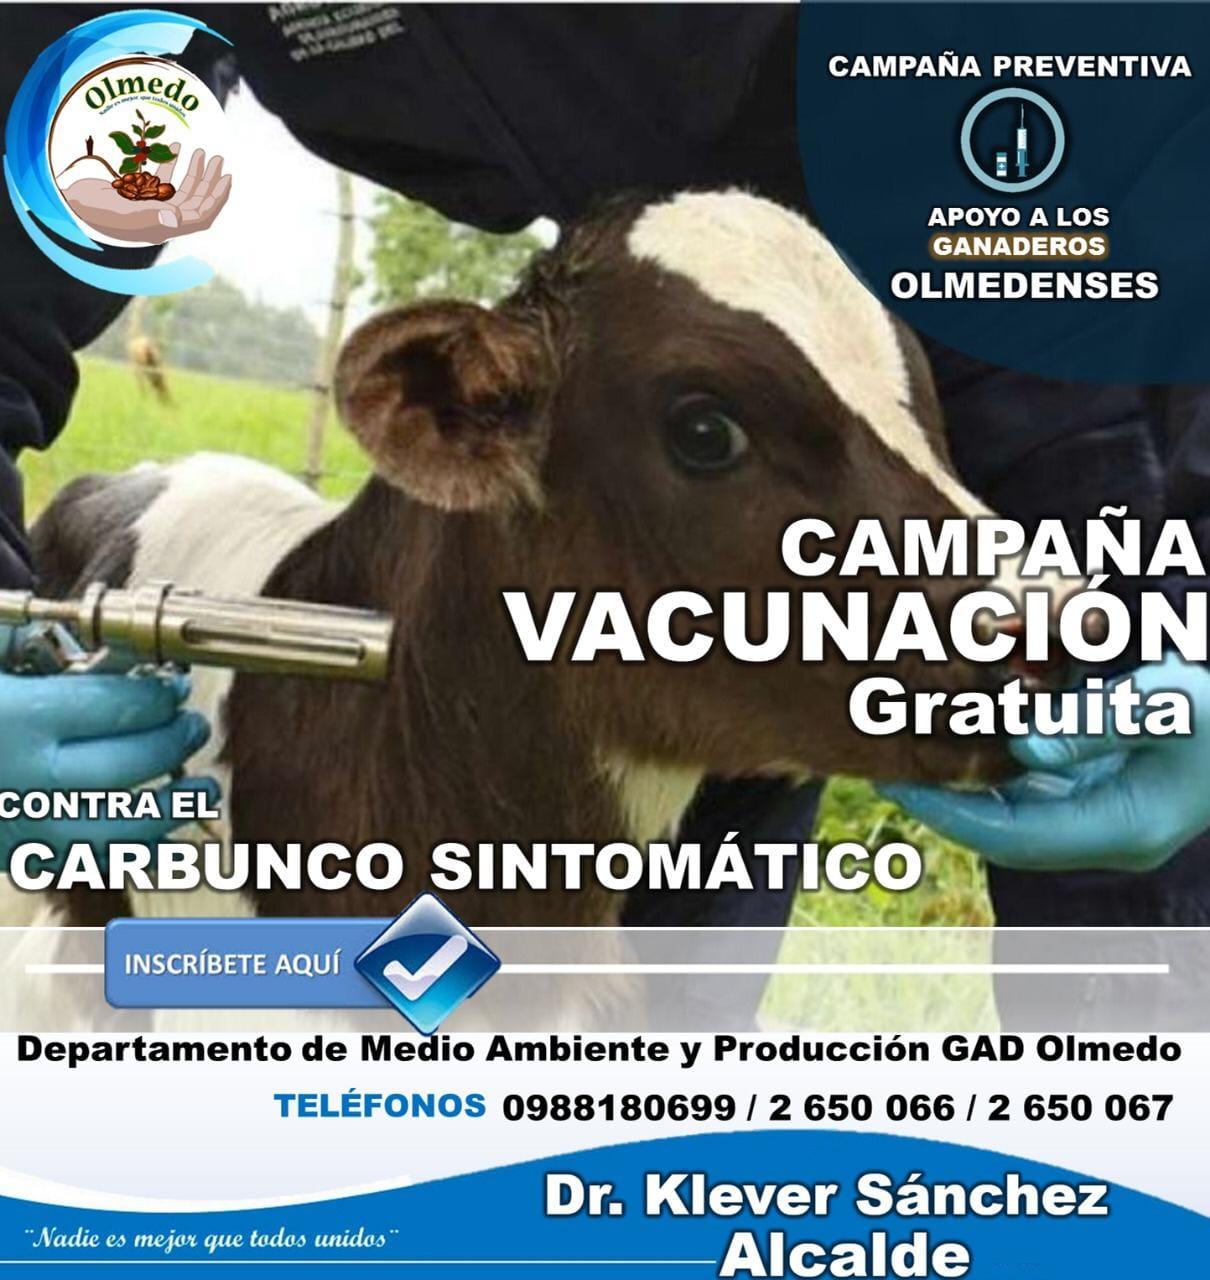 CAMPA A DE VACUNACION GRATUITA